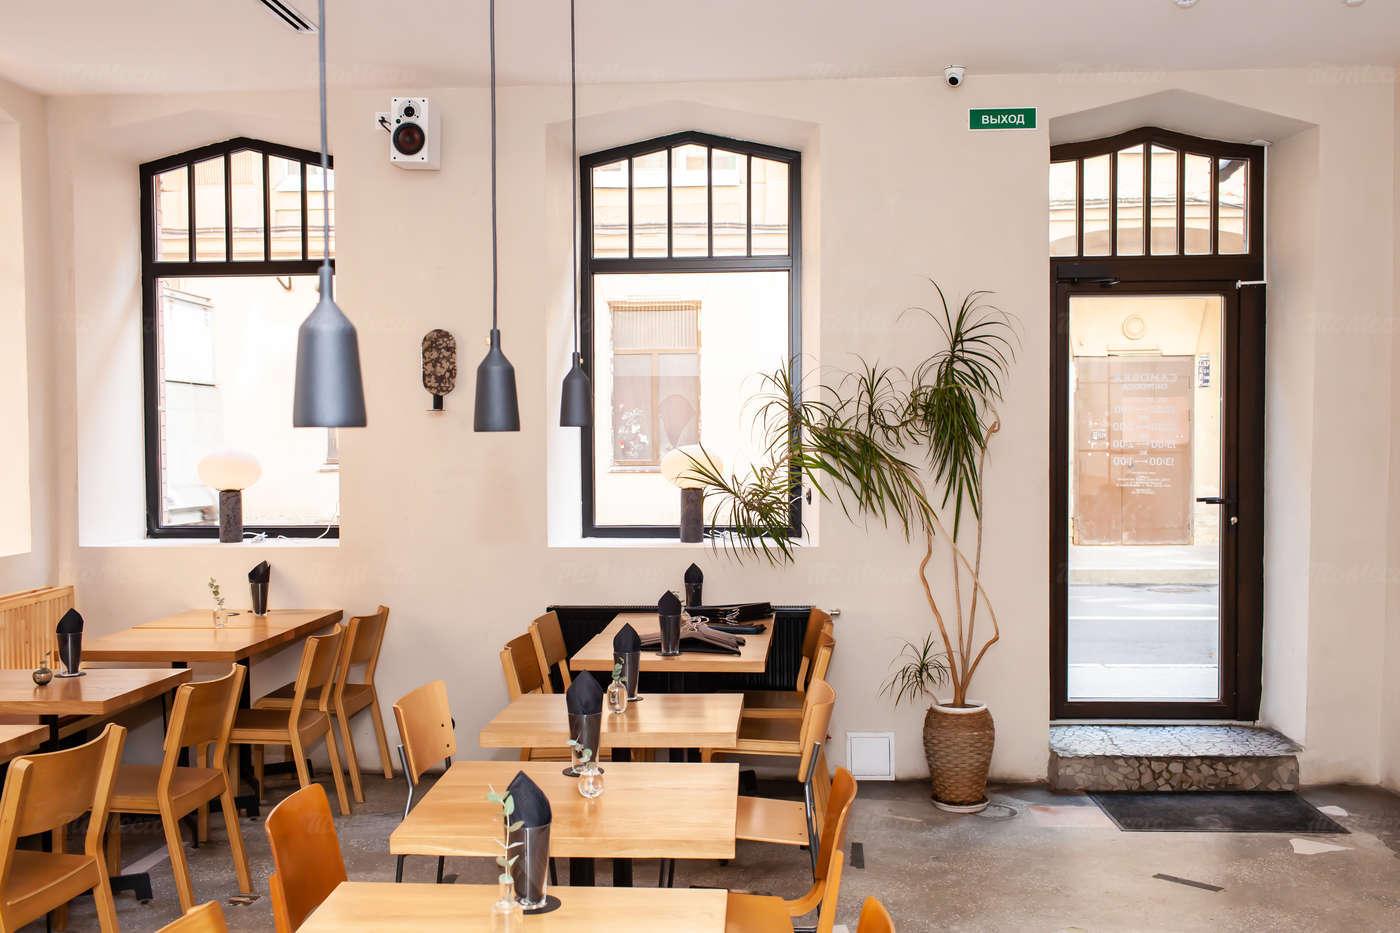 Банкеты ресторана Camorra Chimerica на Малом проспекте П.С. фото 3